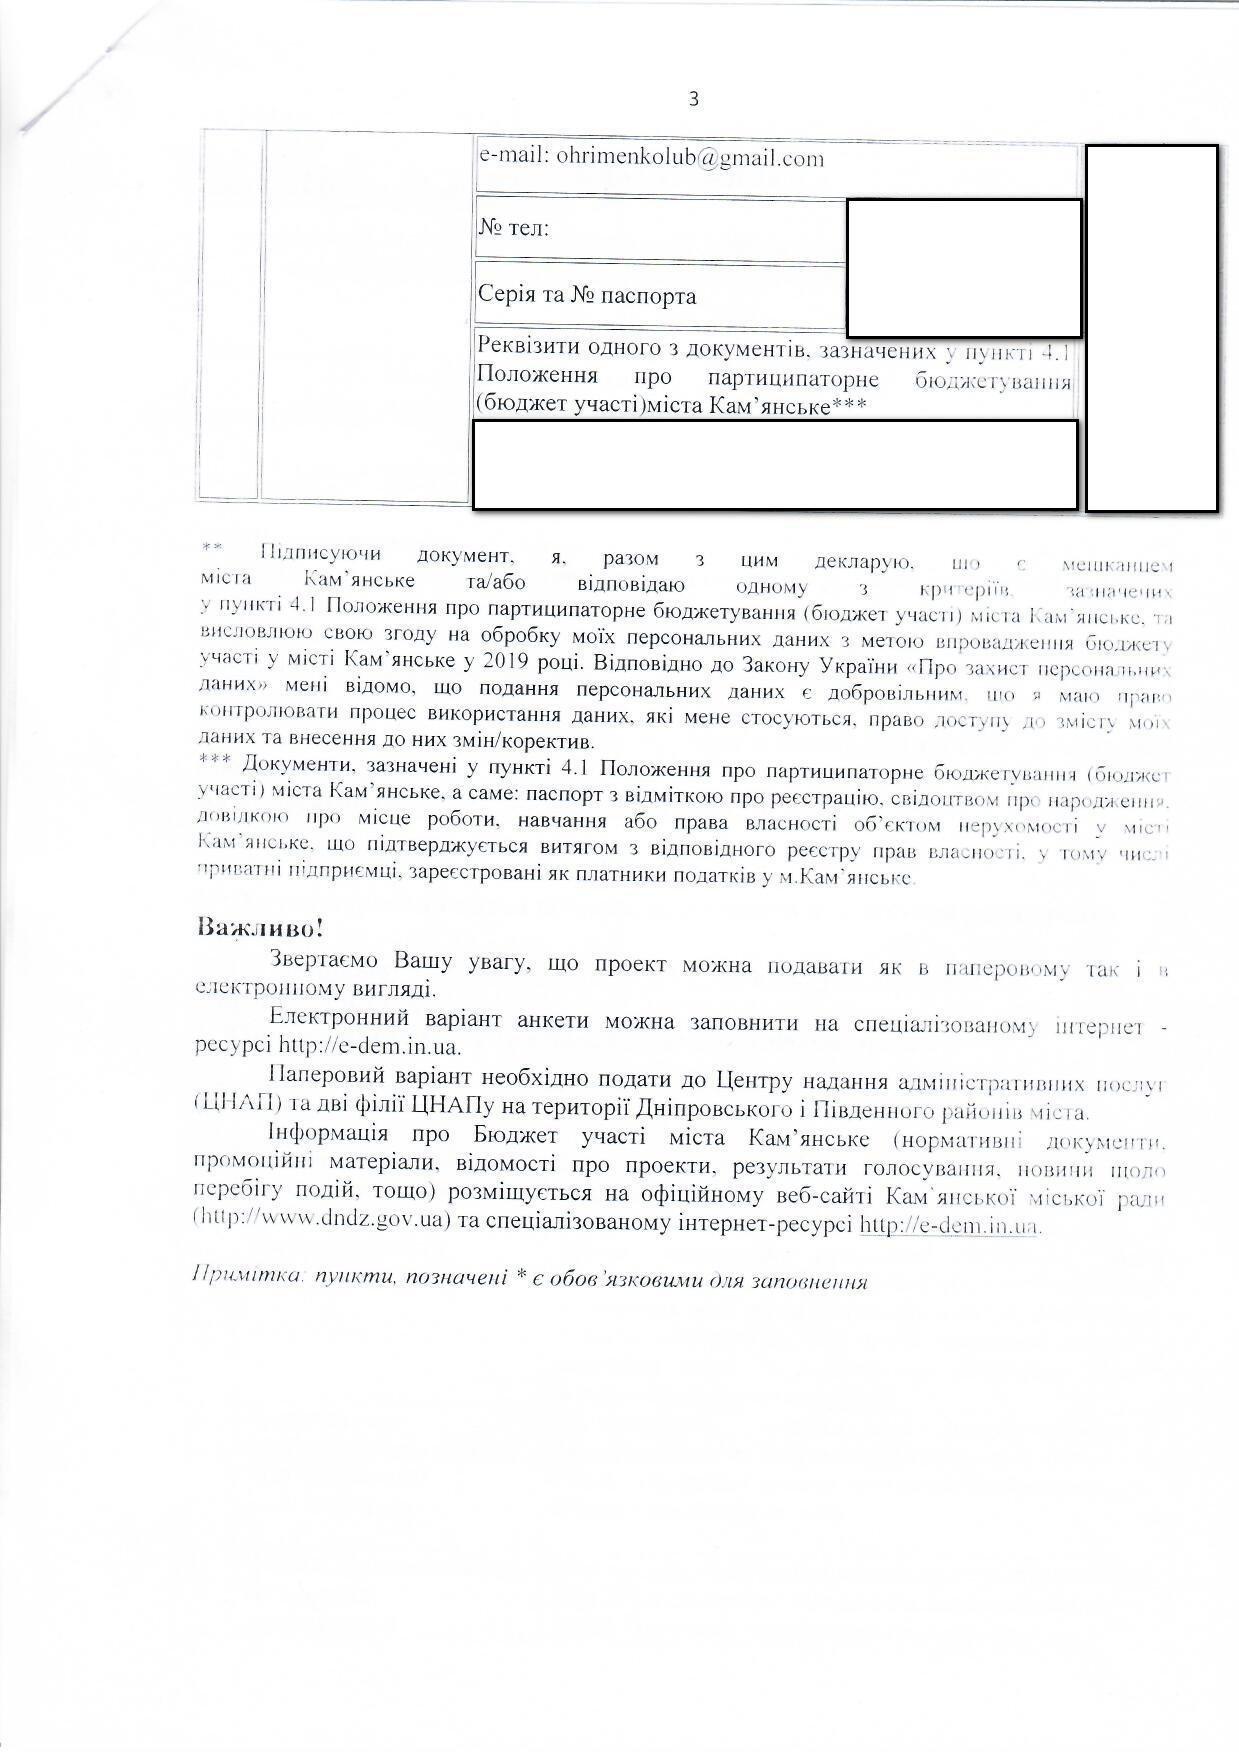 Волейбол и баскетбол: в Романково будет современная спортплощадка, фото-5